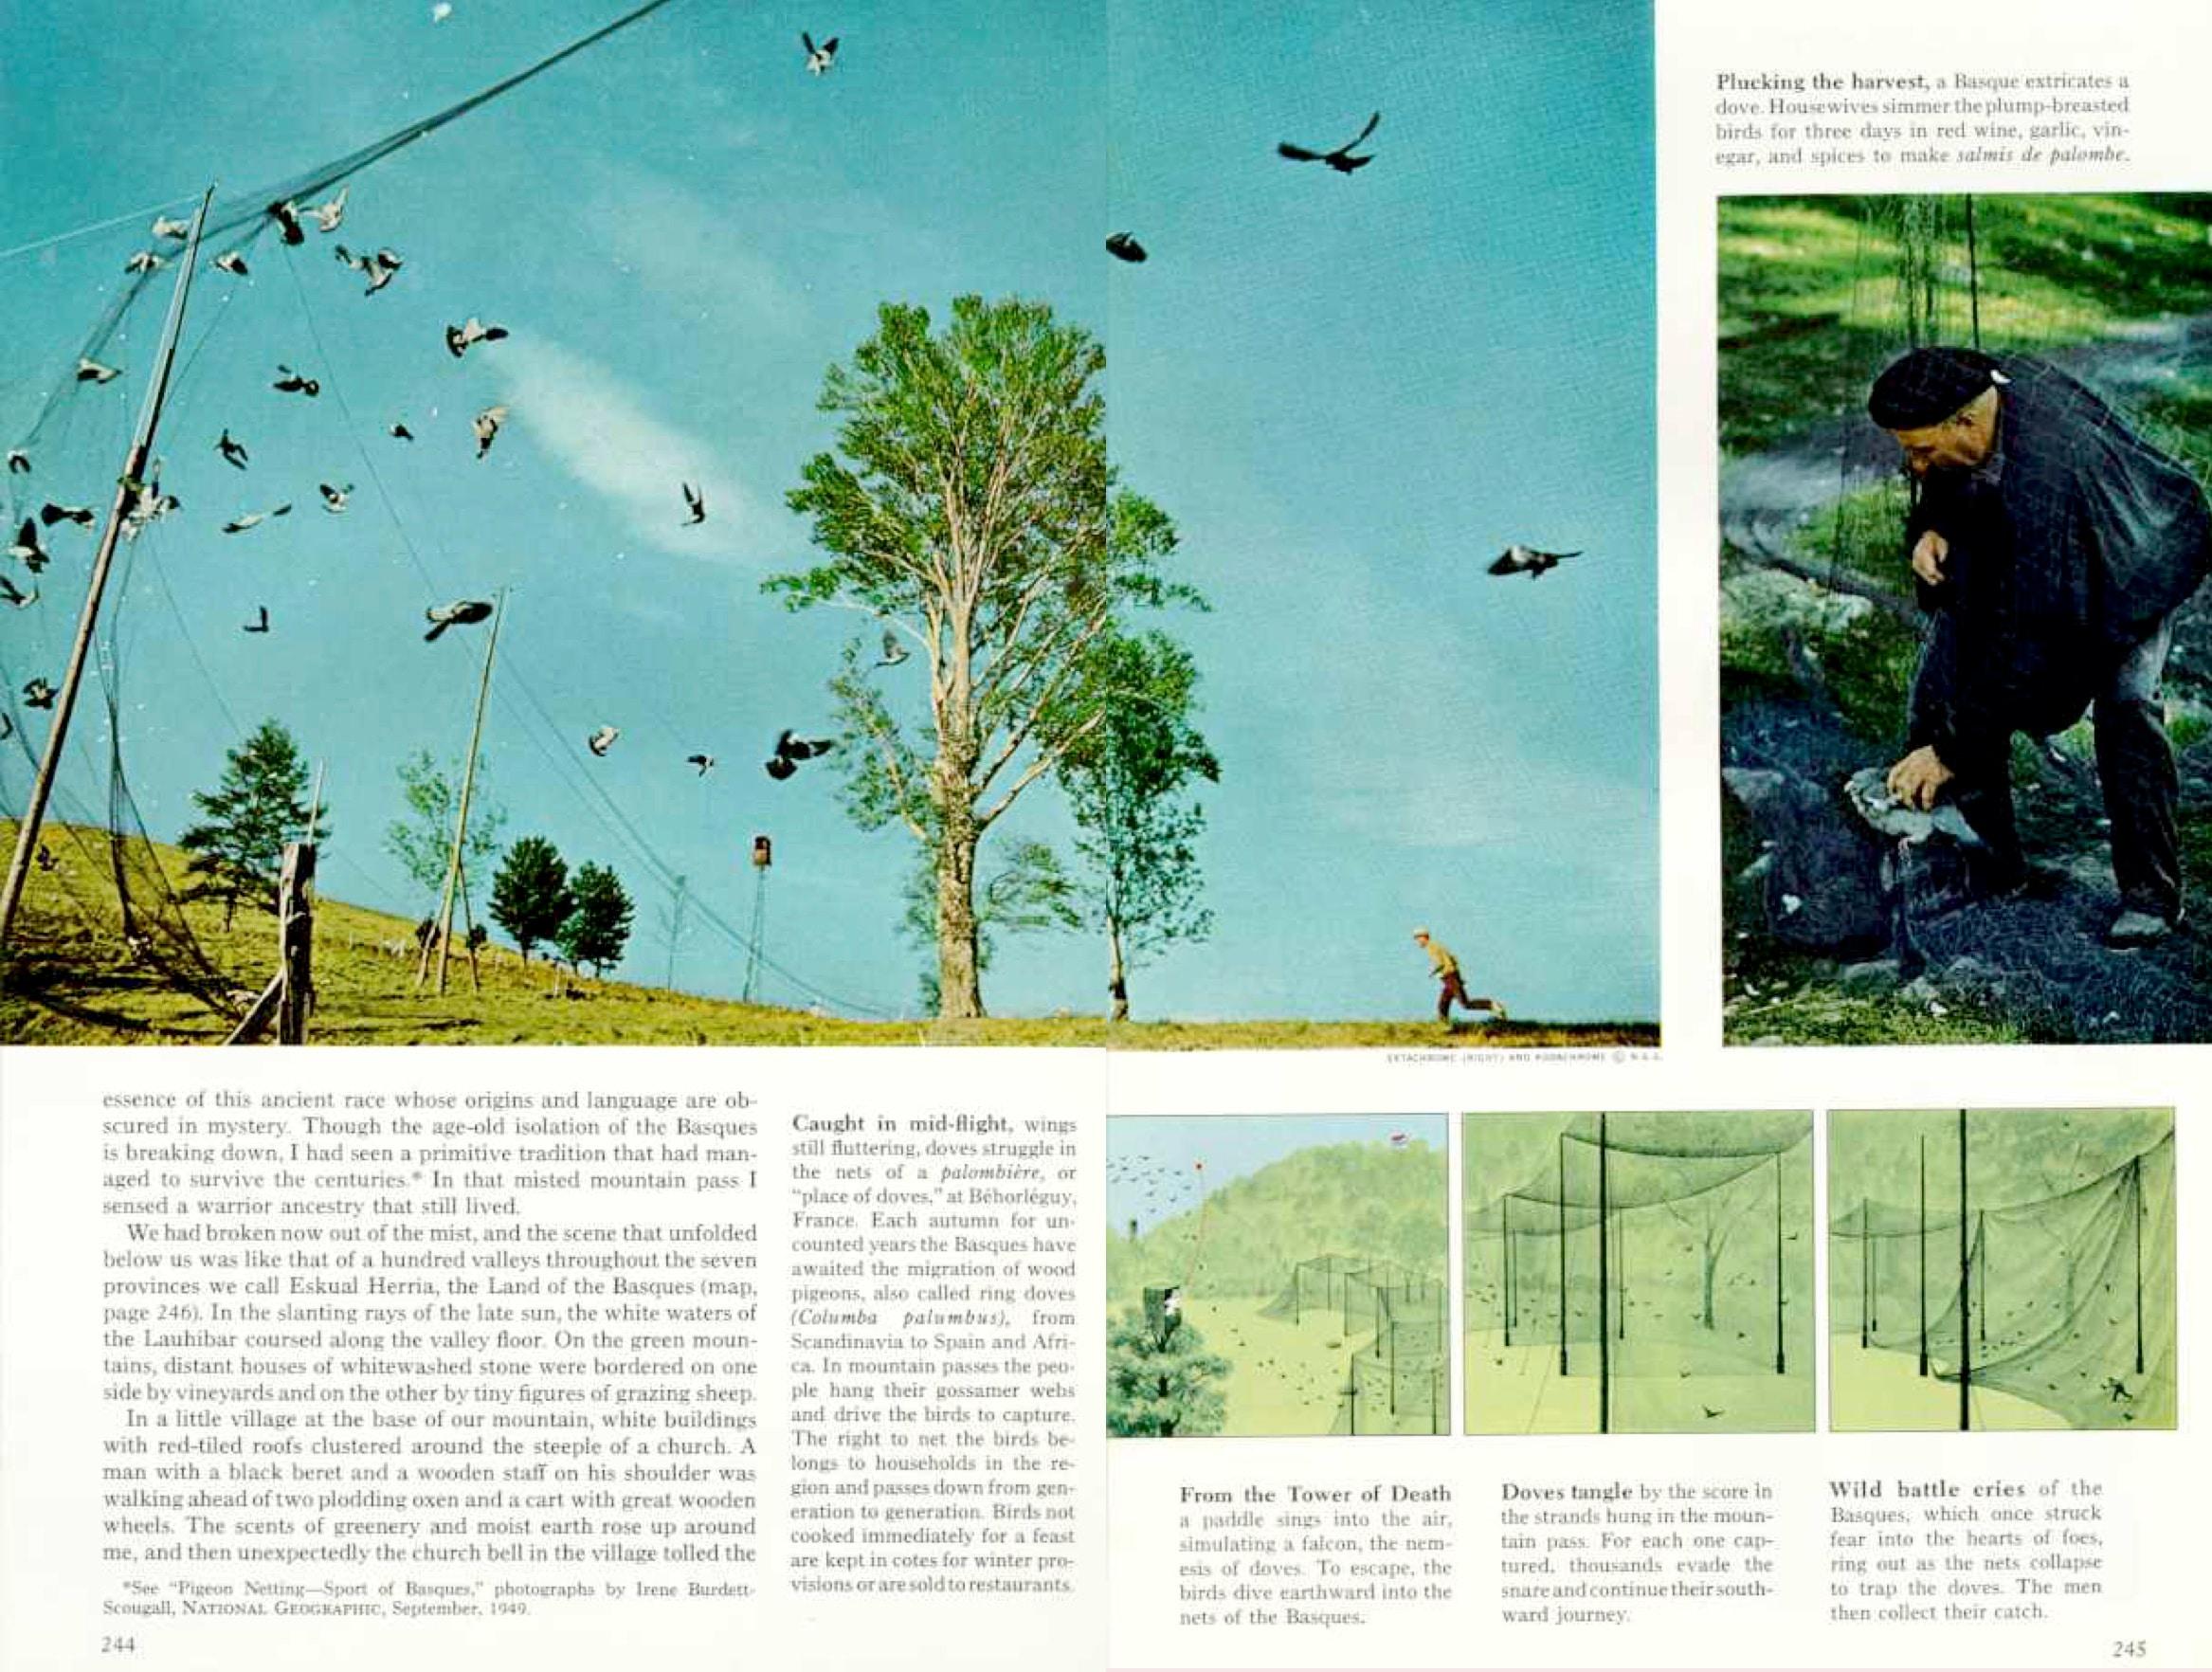 Euskaldunek usoak beraien migrazio garaian ehizatzeko era tradizionalari buruz 1968an National Geographicen argitaratutako Robert Laxaltek sinatutako artikulua.